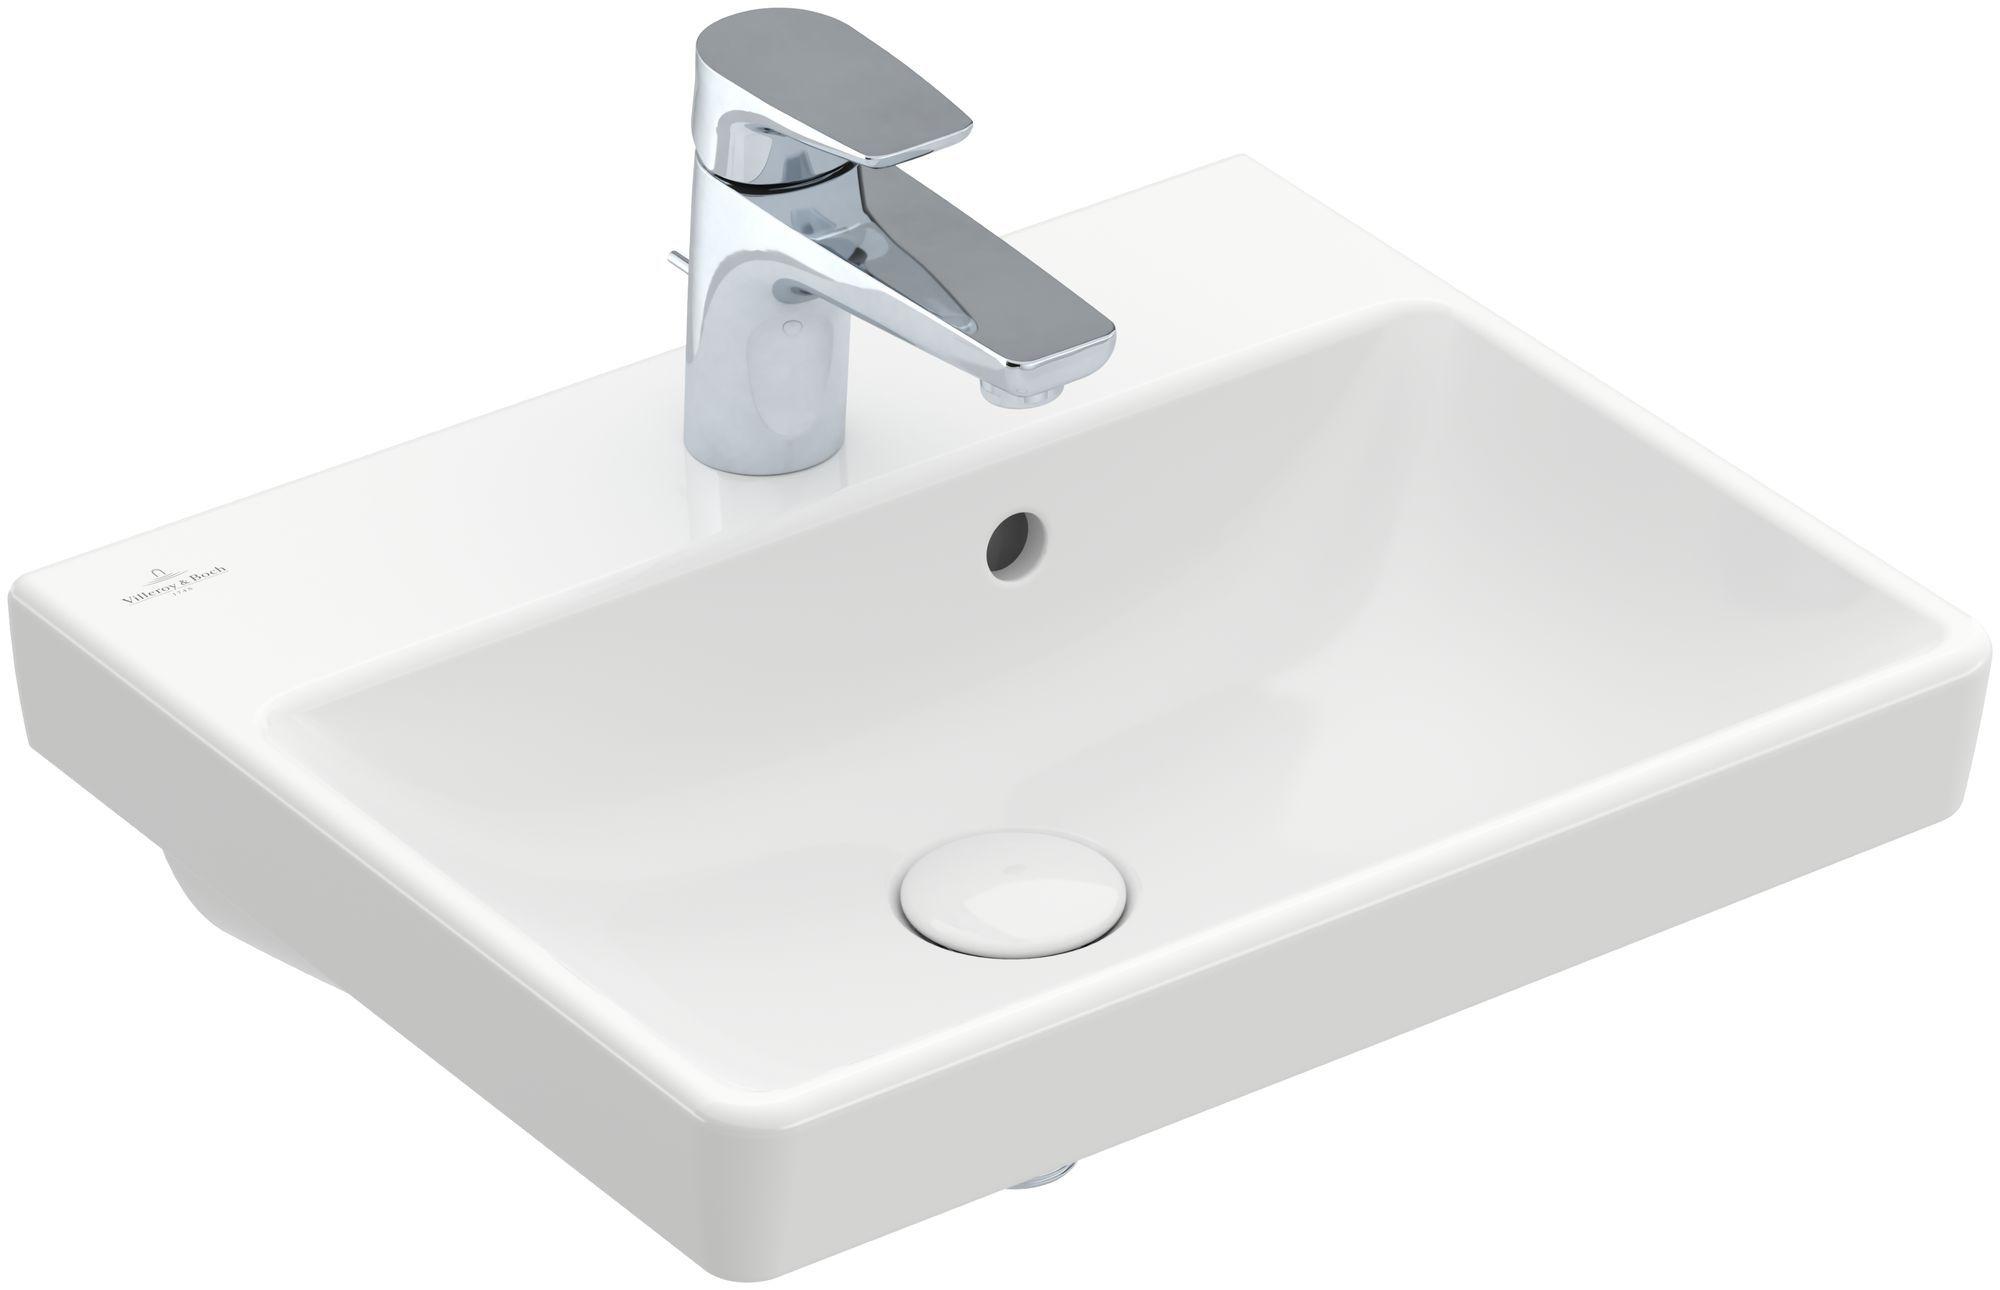 Villeroy & Boch Avento Waschtisch B:45xT:37cm 1 Hahnloch mit Überlauf weiß mit CeramicPlus 735845R1